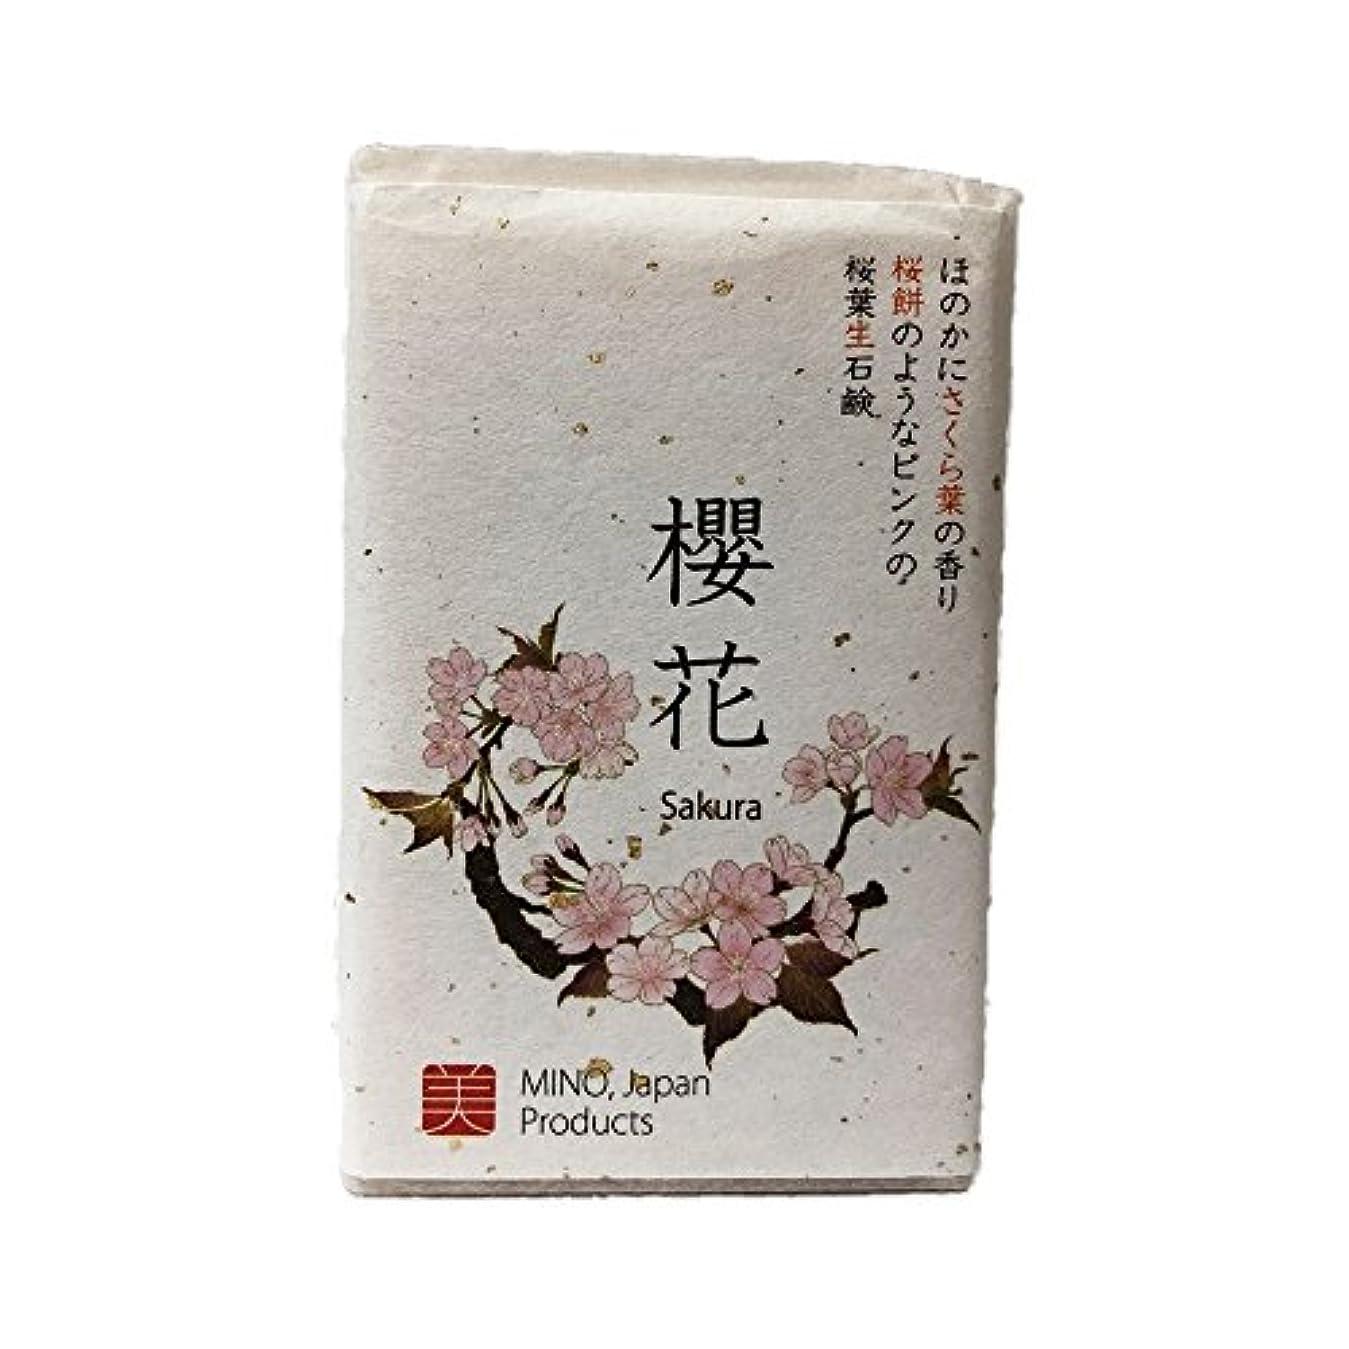 スモッグチャネル助けになる桜葉生石鹸 櫻花